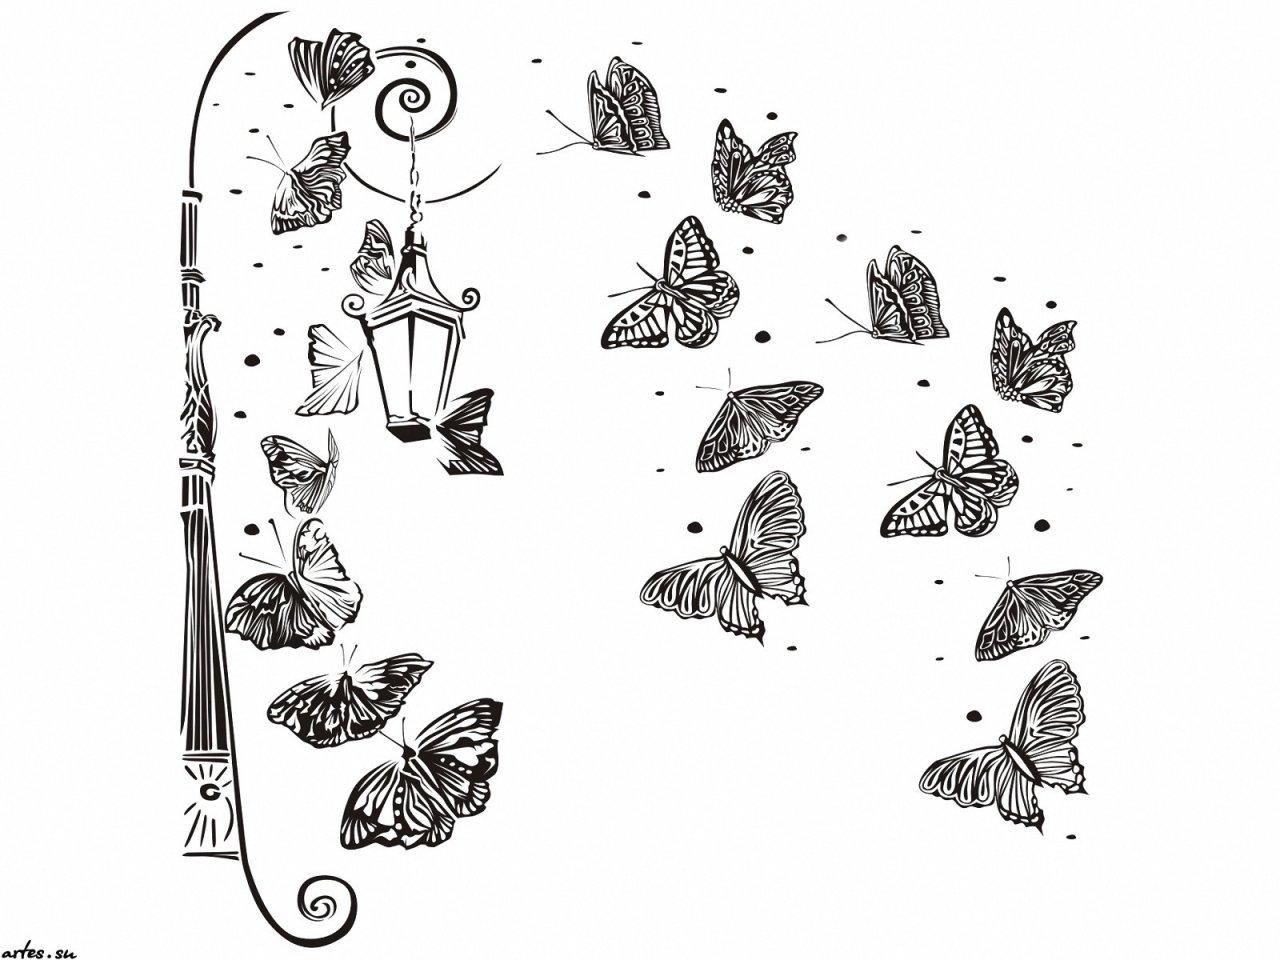 Скачать обои черно белые обои бабочки